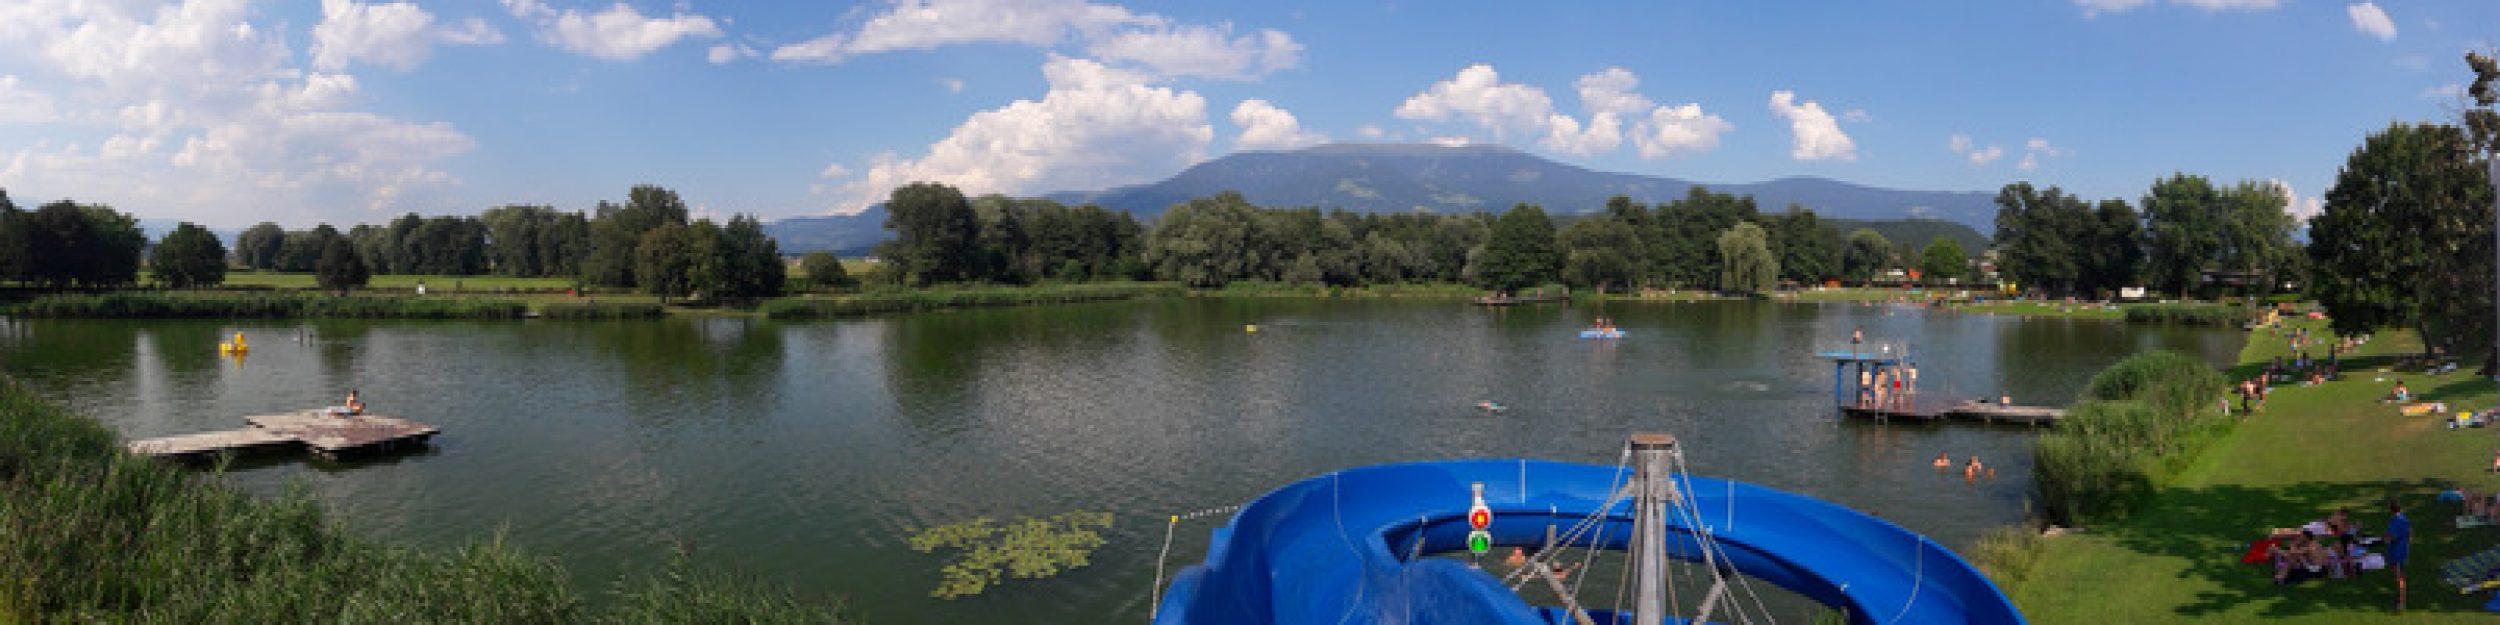 Freizeitanlage St. Andräer See